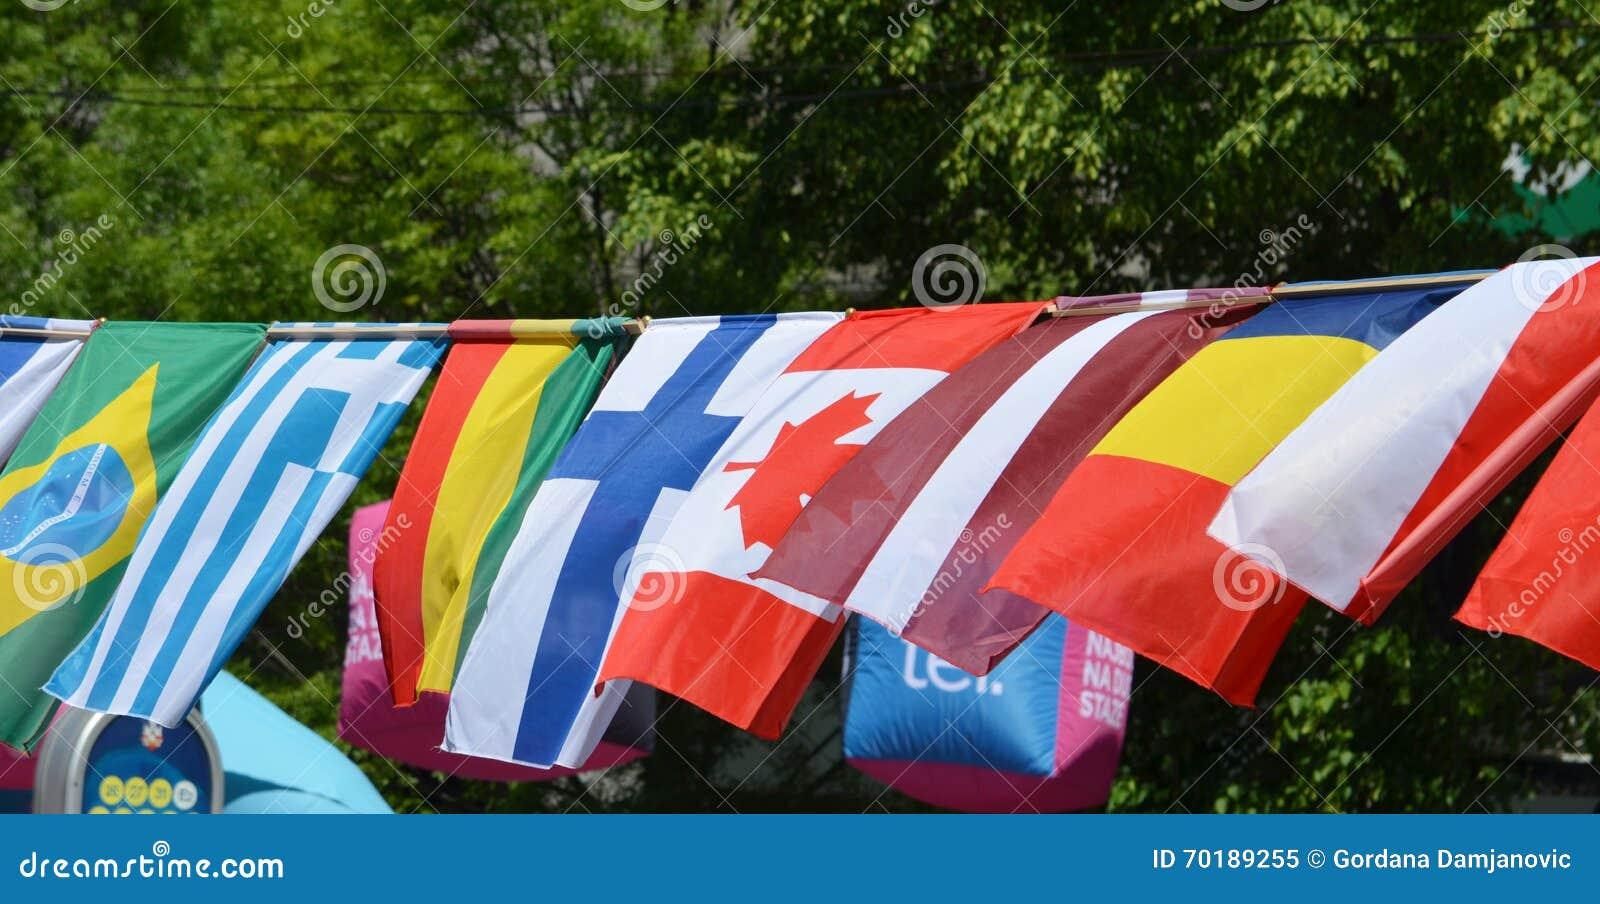 Flaggorna av Brasilien, Grekland, Tchad, Kanada, Mali, Finland och La